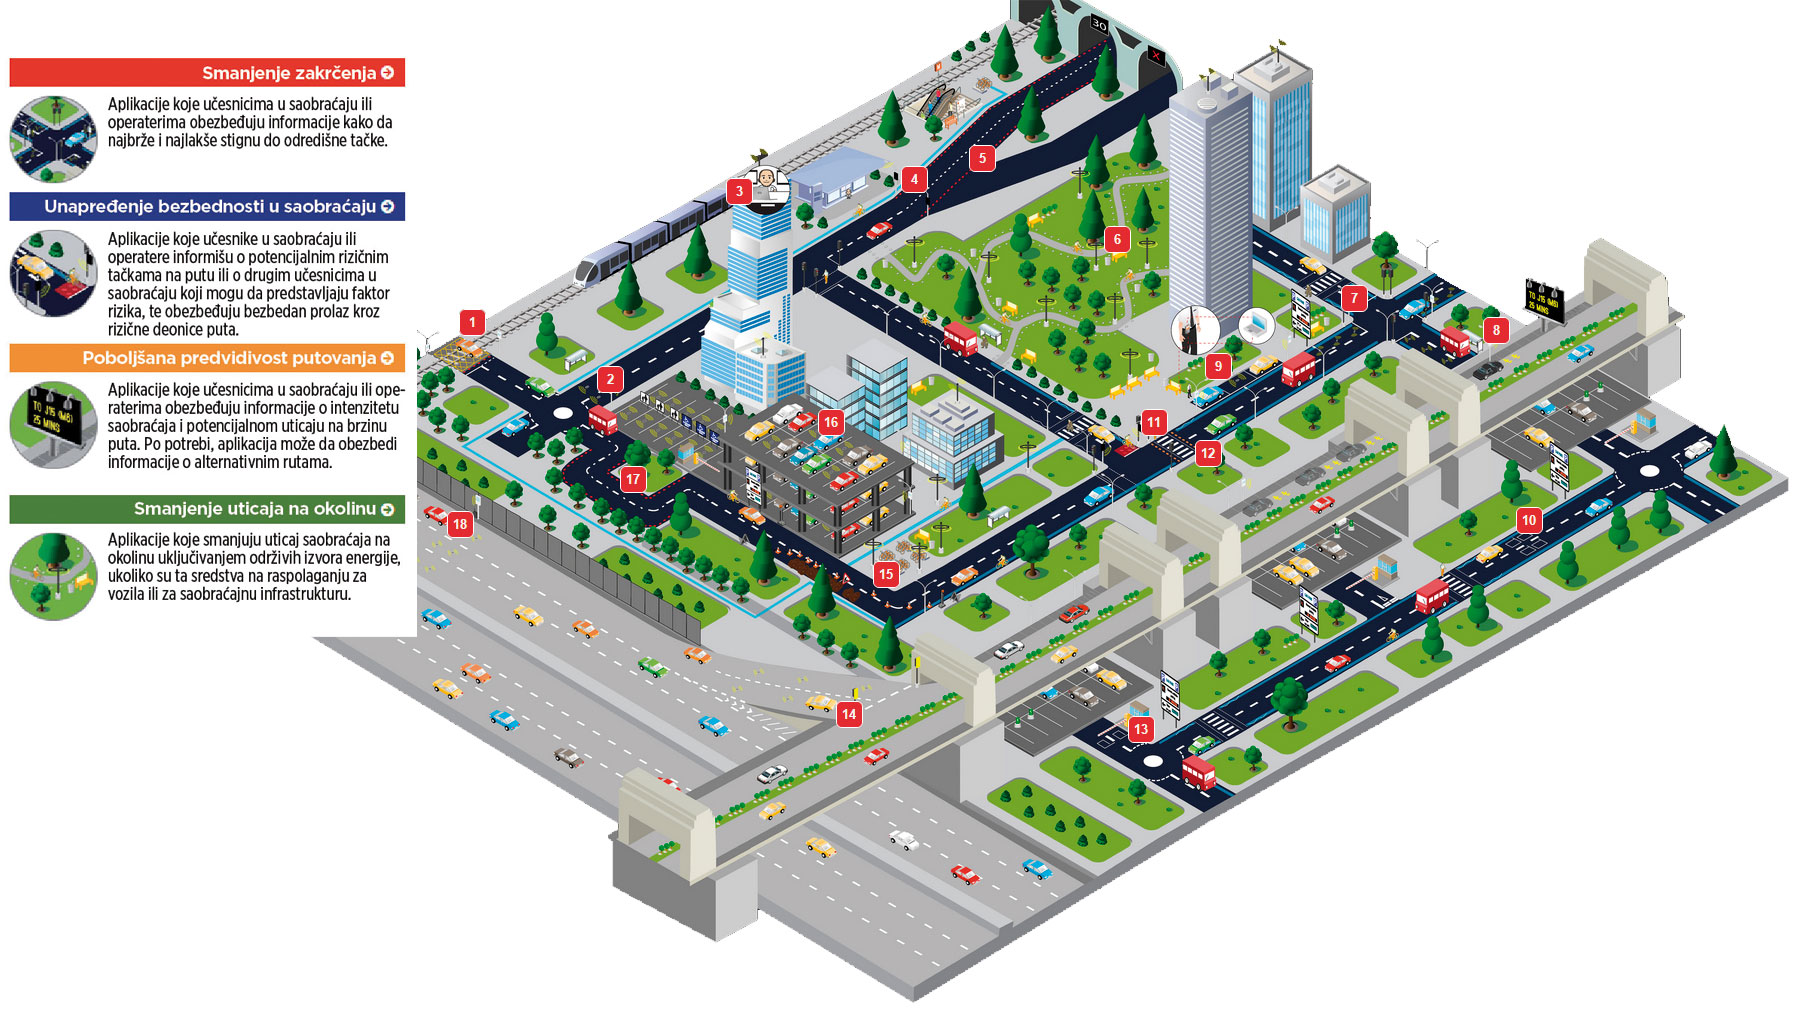 Regulacija saobraćaja Rešenja za nadzor i regulaciju saobraćaja mogu da se koriste kao pojedinačne aplilacije ili da se ugrade u kompletan sistem za nadzor i regulaciju saobraćaja u Pametnom gradu. Problem rastućeg prometa i akutni problem parkiranja u velikim gradovima rešiv je samo uz pomoć ICT tehnologija.